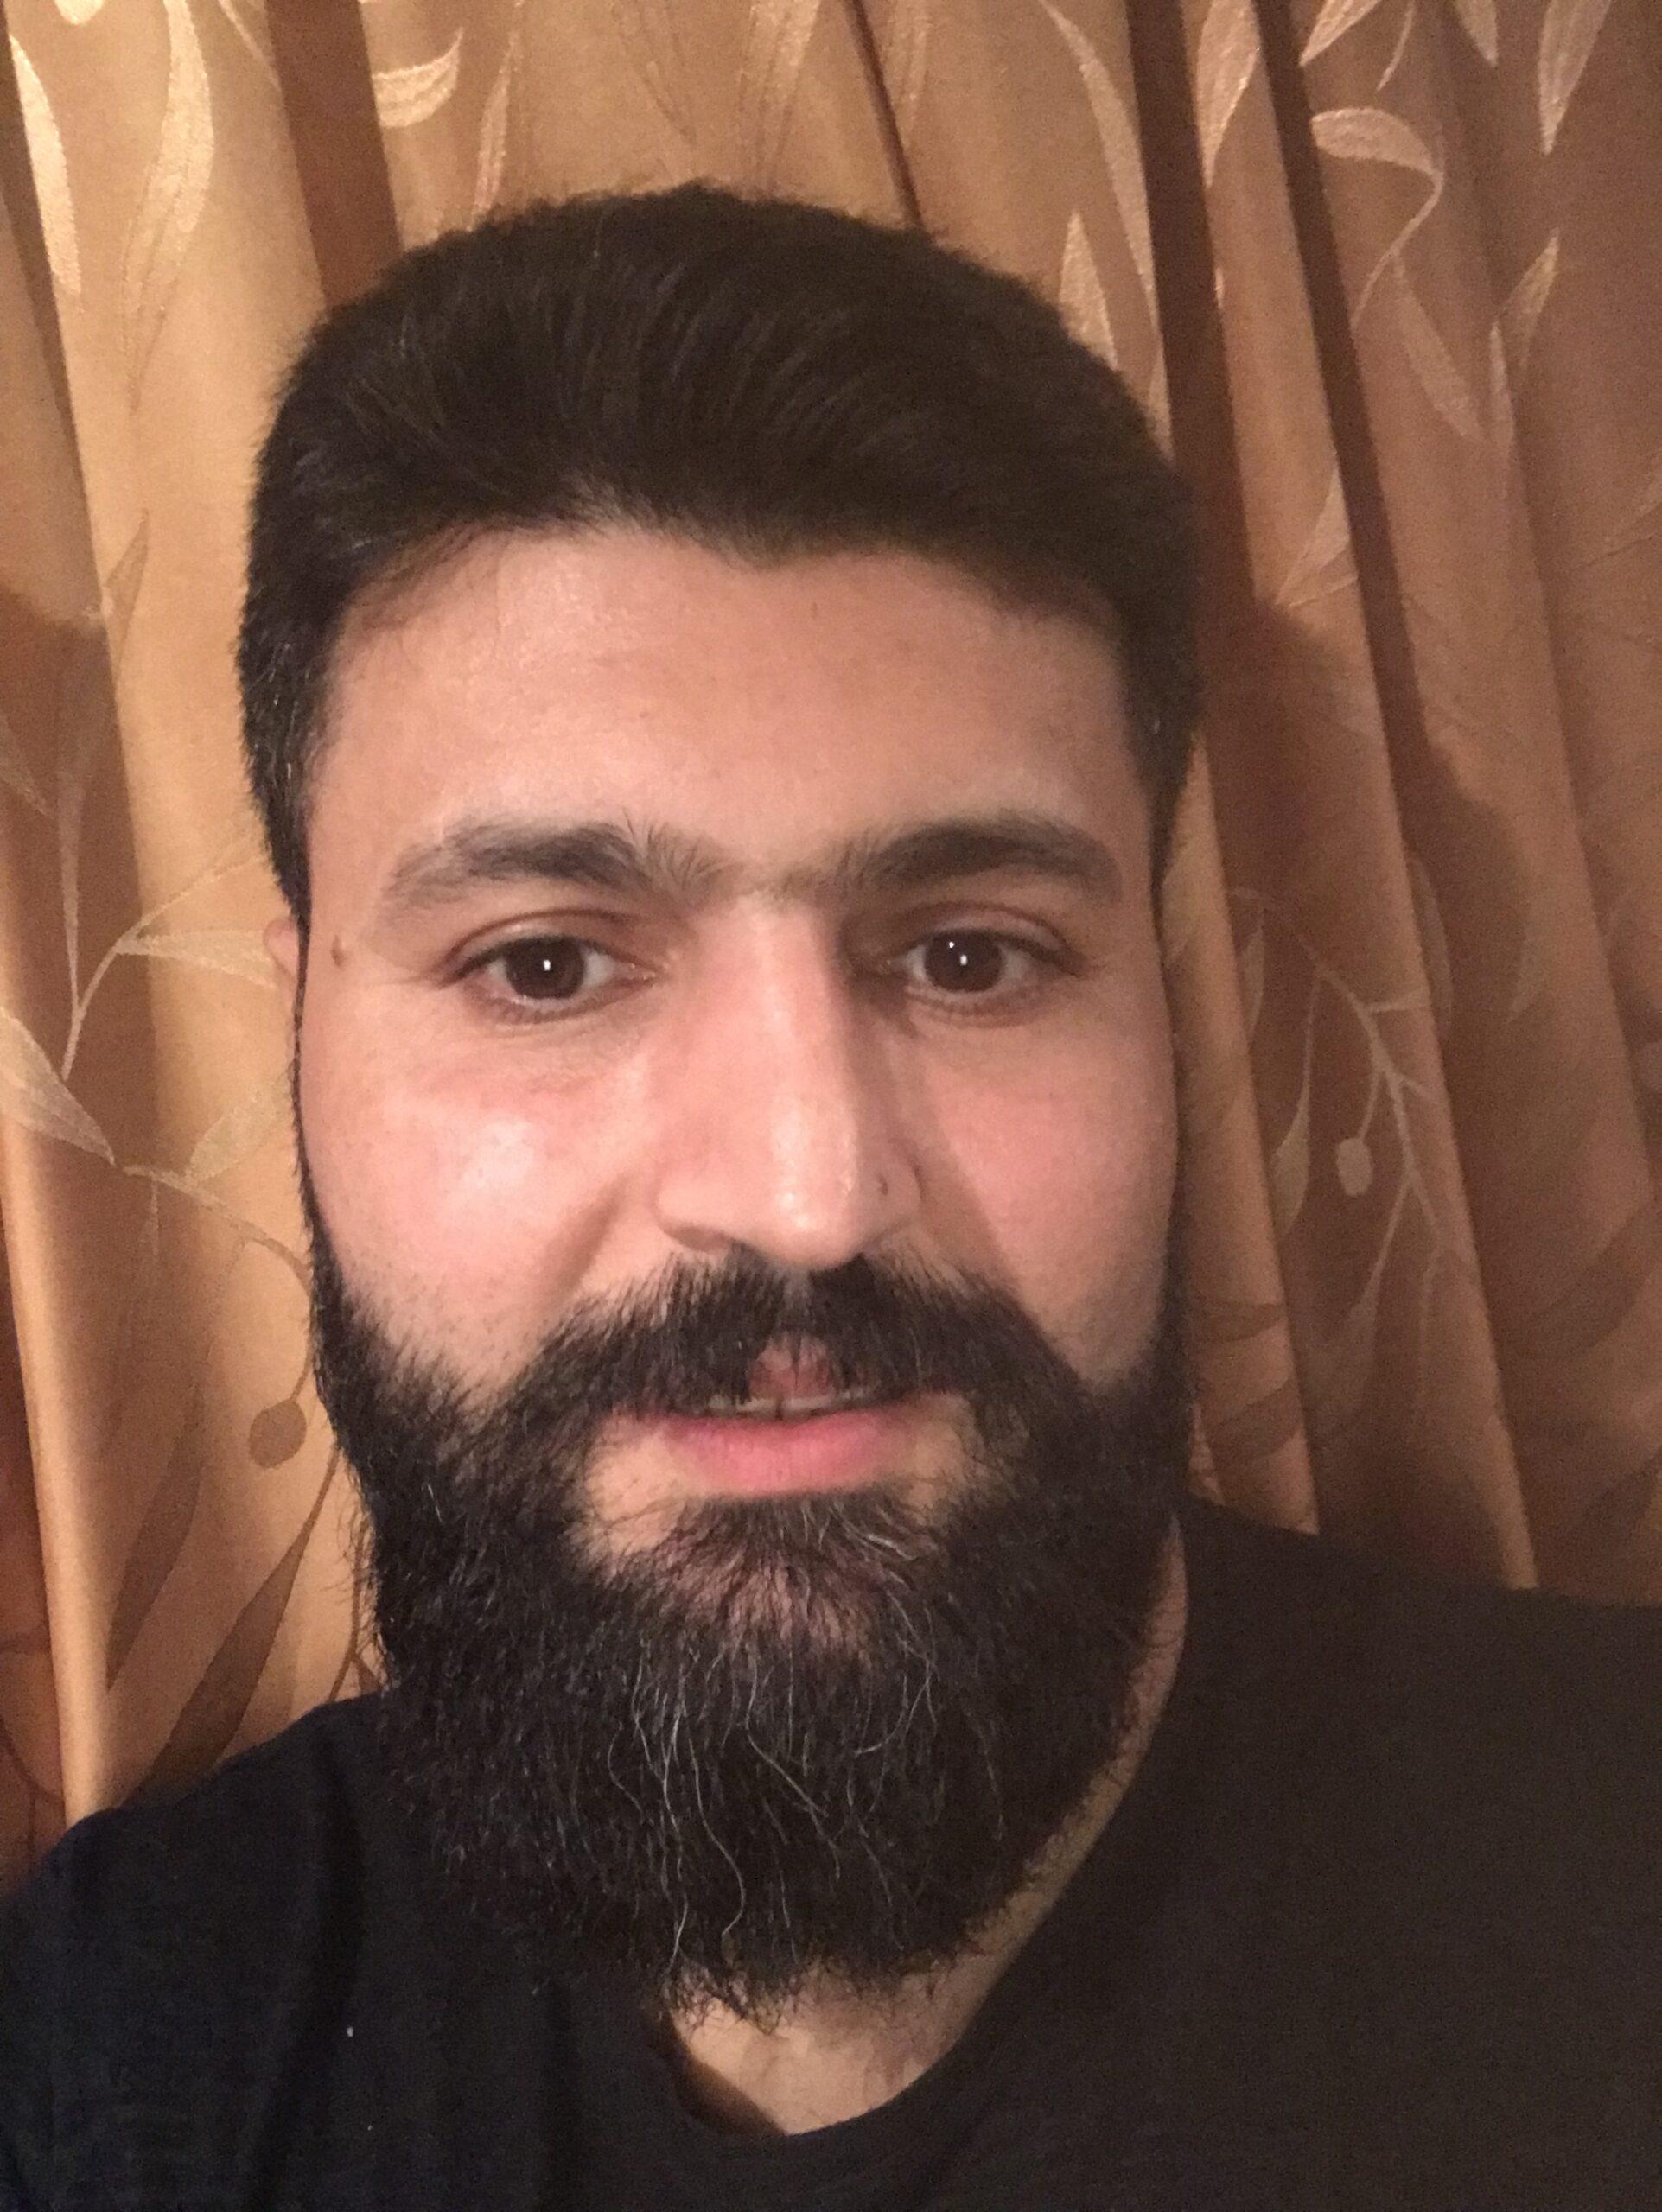 دکتر سعید آژده: چالنگی شاعری مأخوذ به حیا بود